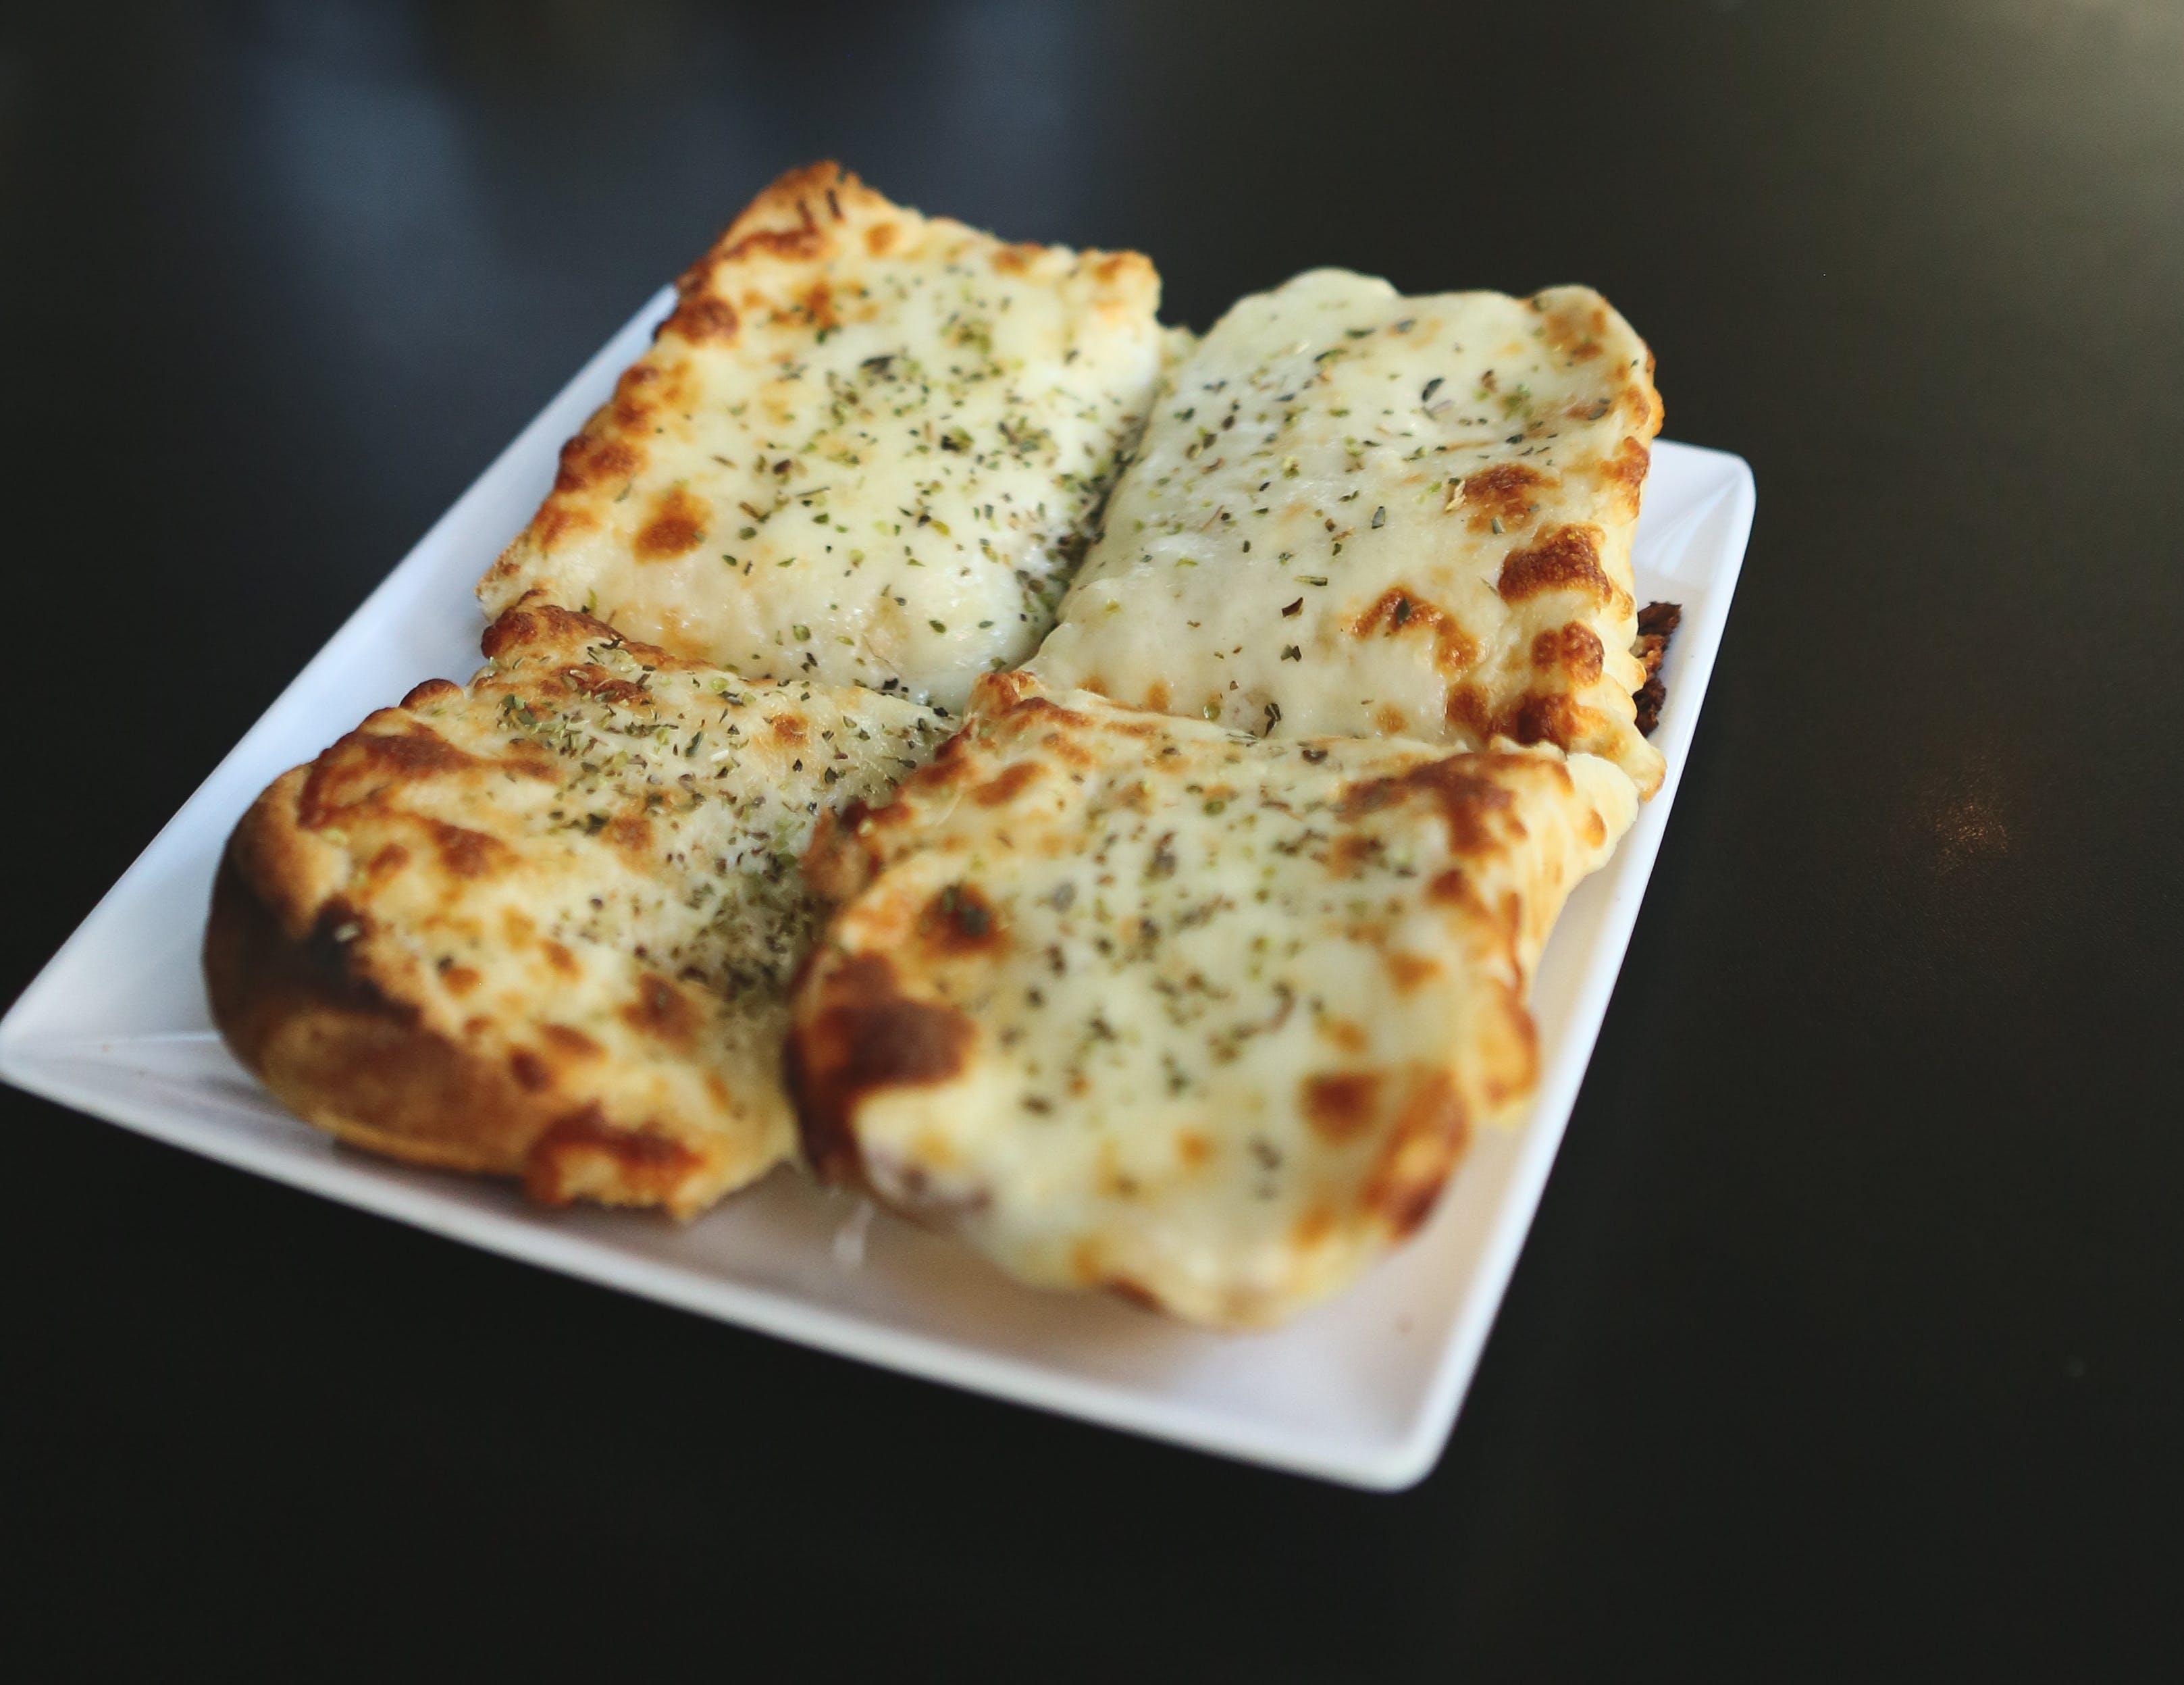 Garlic Falbo's Famous Cheese Bread from Falbo Bros. Pizzeria - Sun Prairie in Sun Prairie, WI